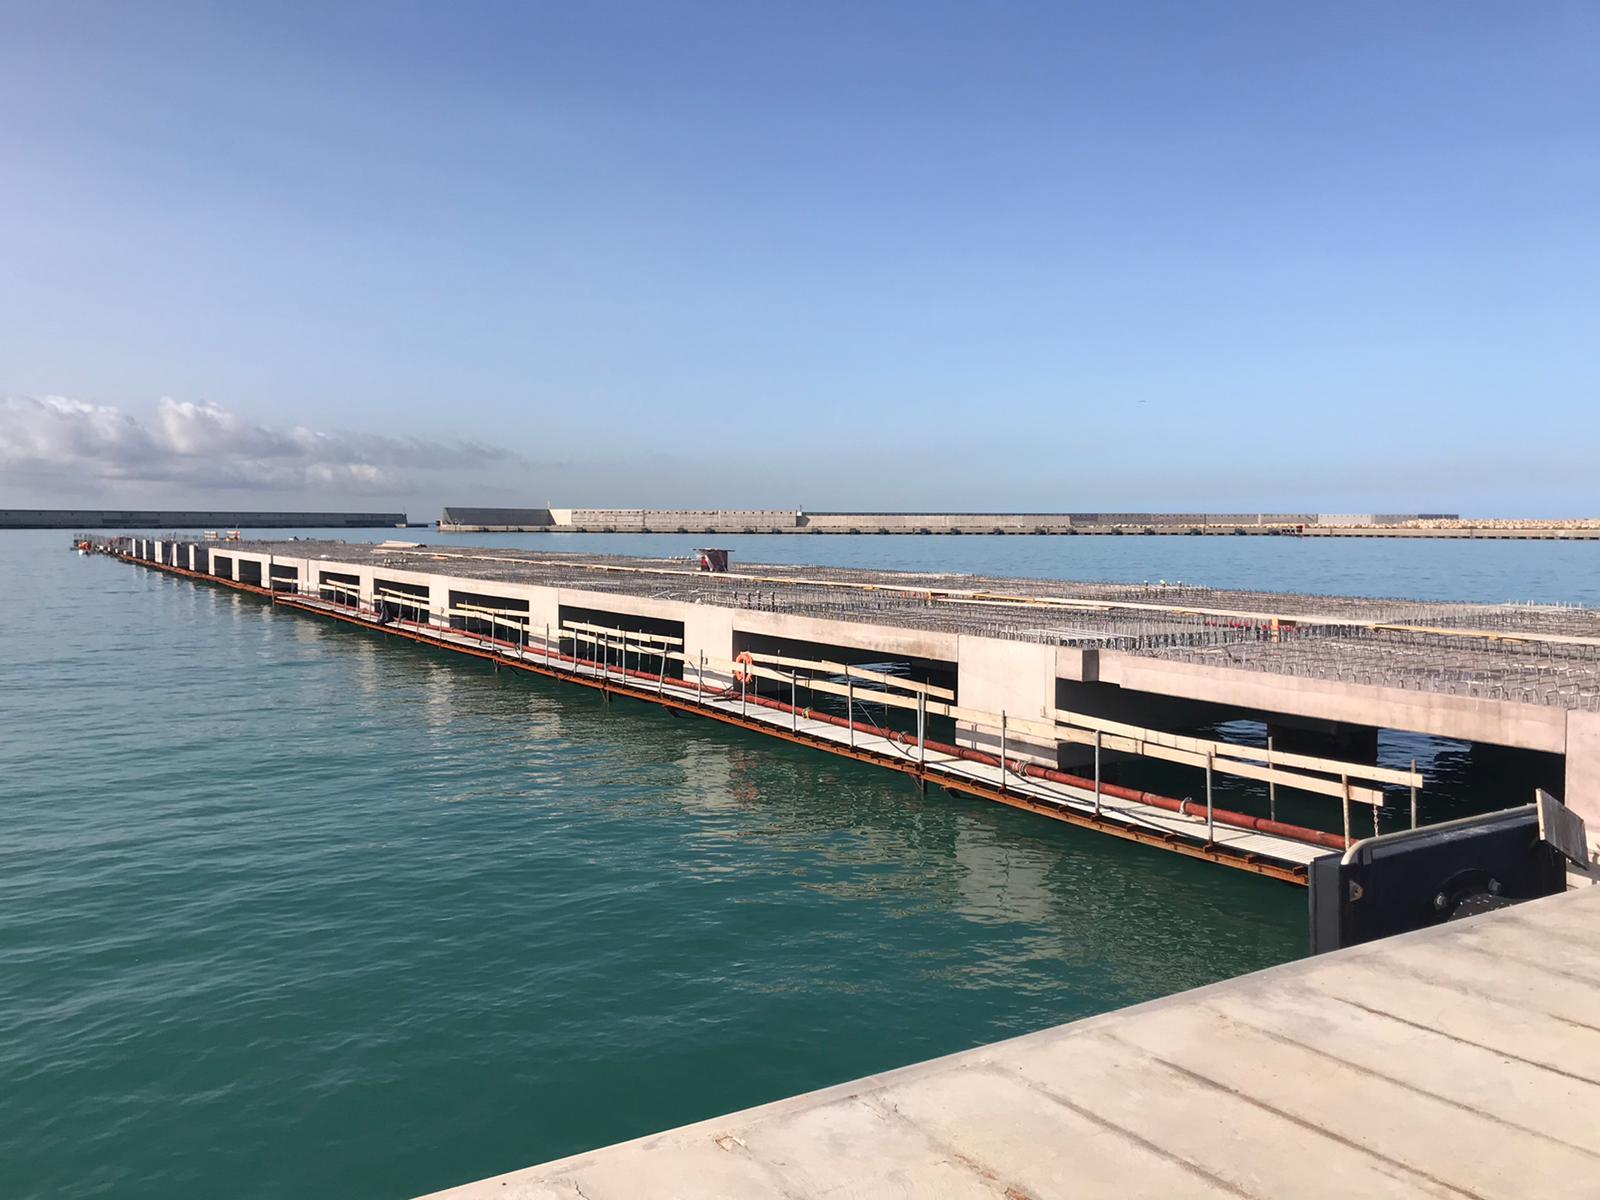 Autostrade del mare: in dirittura d'arrivo il nuovo pontile